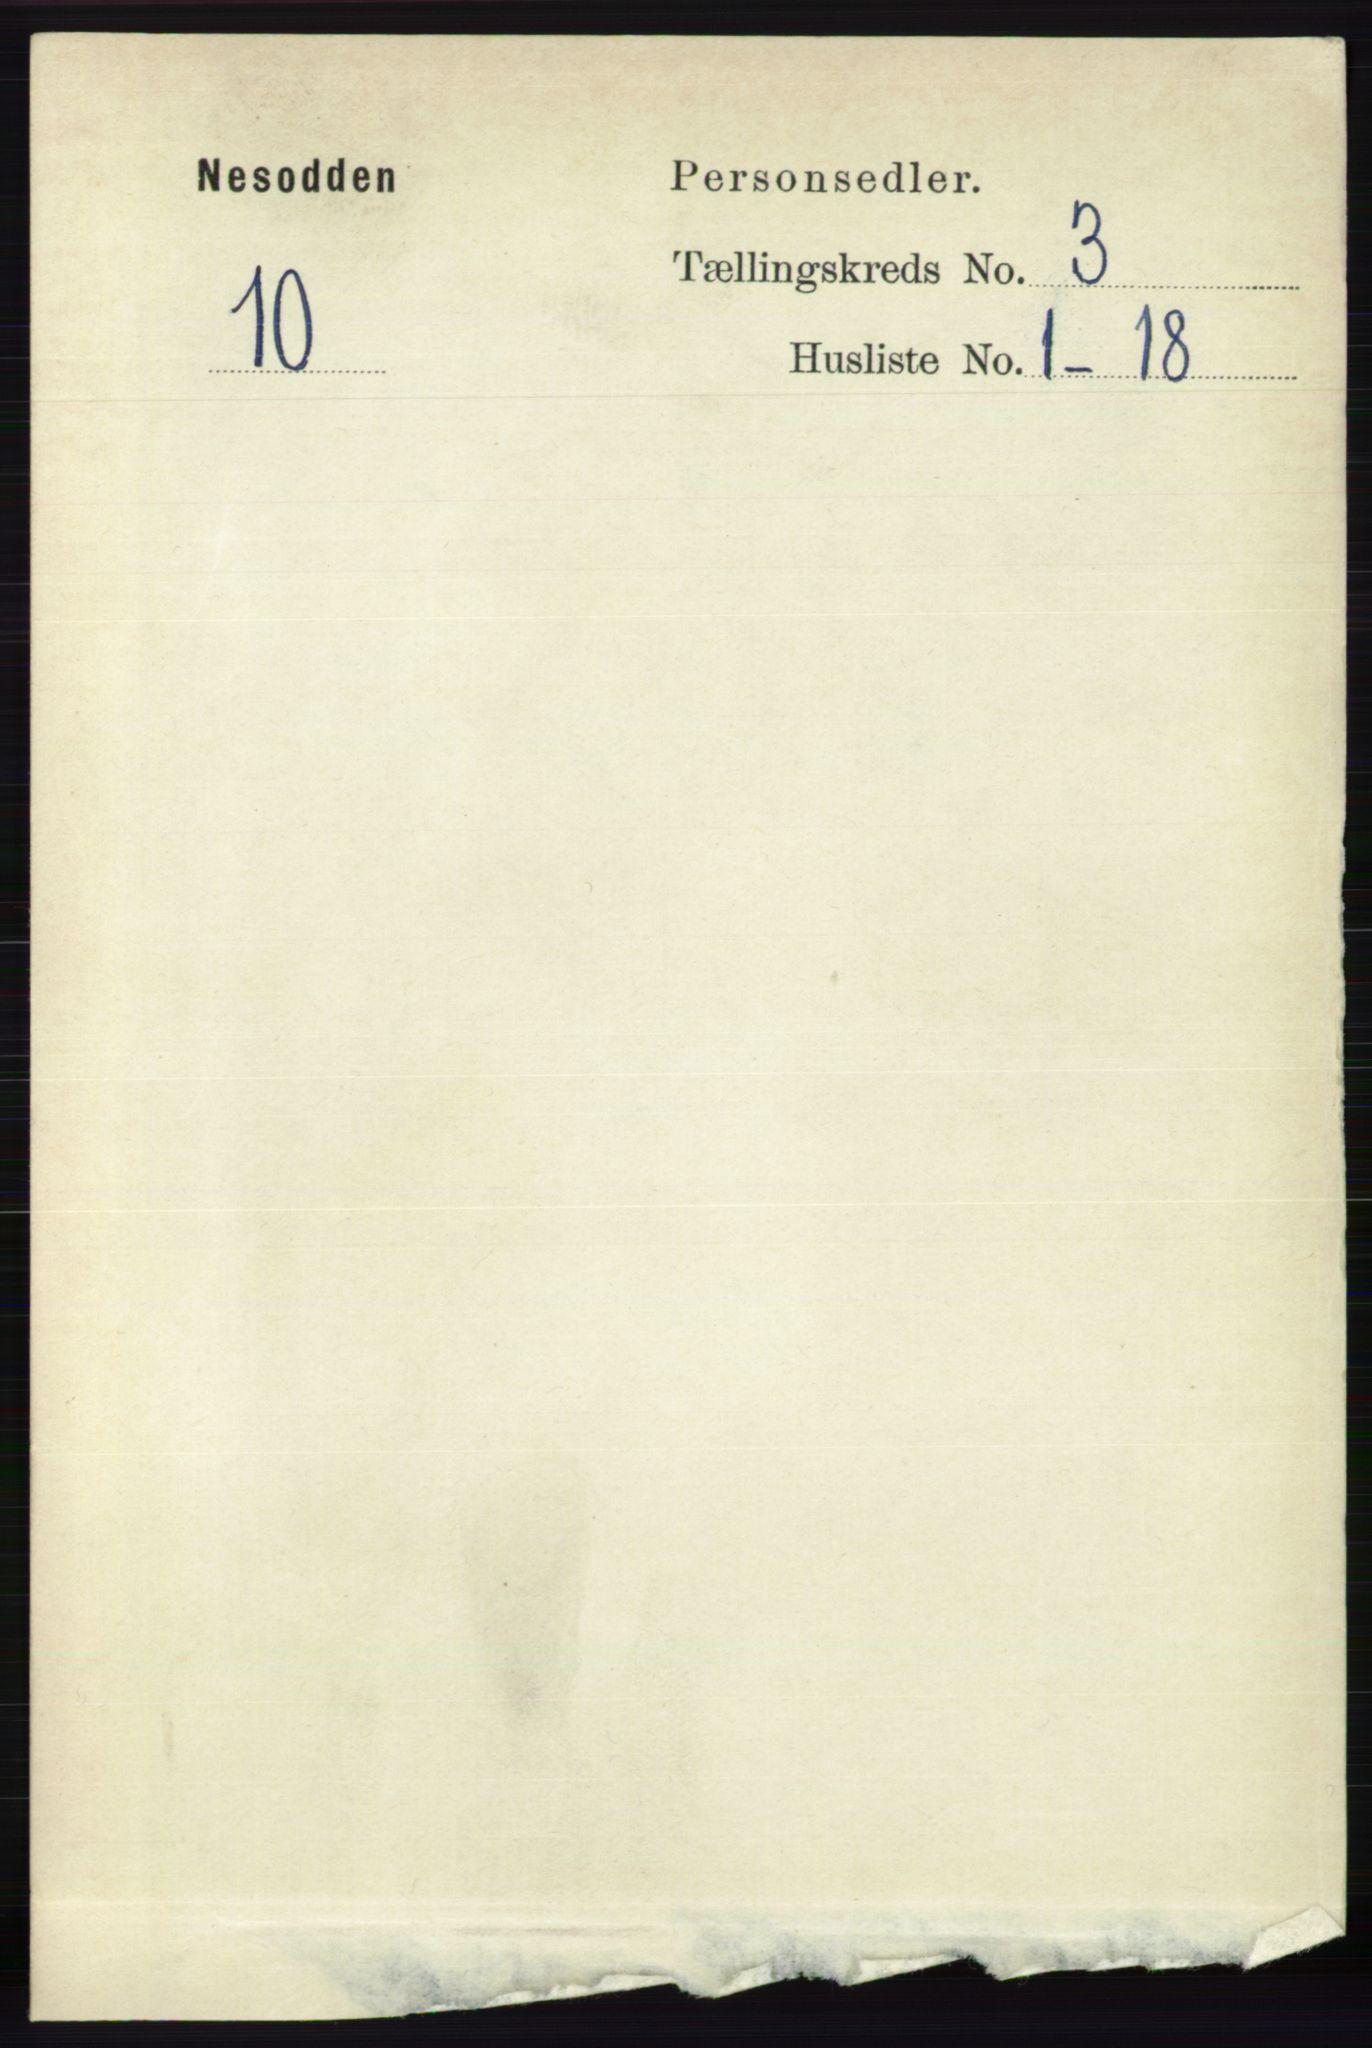 RA, Folketelling 1891 for 0216 Nesodden herred, 1891, s. 1062